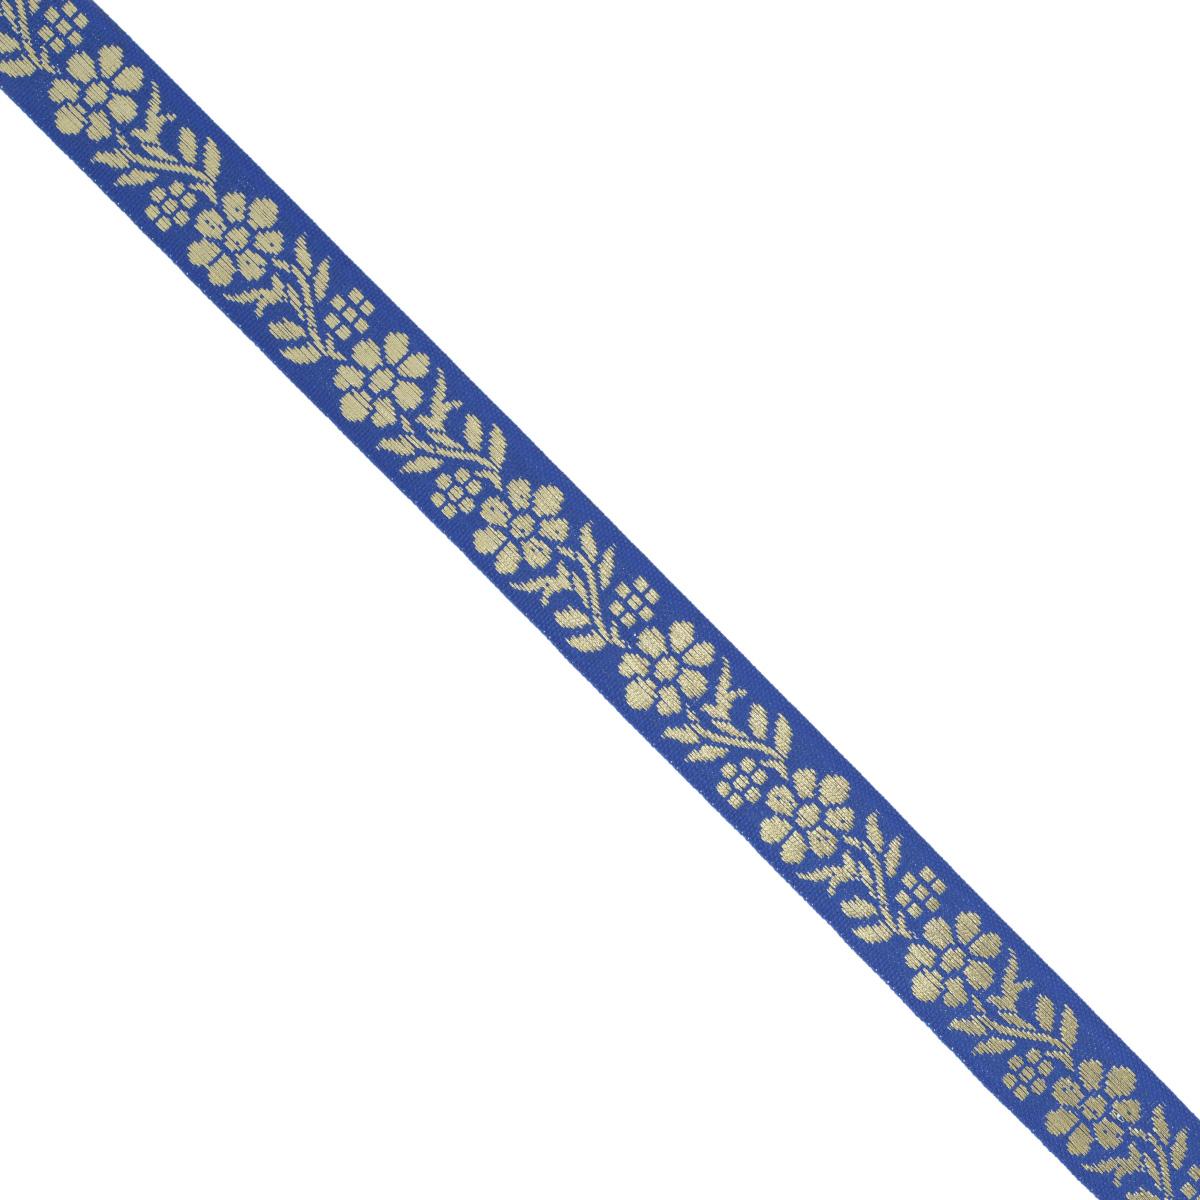 Тесьма декоративная Астра, цвет: синий (А15), ширина 1,5 см, длина 16,4 м. 77033287703328_A15Декоративная тесьма Астра выполнена из текстиля и оформлена оригинальным орнаментом. Такая тесьма идеально подойдет для оформления различных творческих работ таких, как скрапбукинг, аппликация, декор коробок и открыток и многое другое. Тесьма наивысшего качества и практична в использовании. Она станет незаменимым элементом в создании рукотворного шедевра. Ширина: 1,5 см. Длина: 16,4 м.